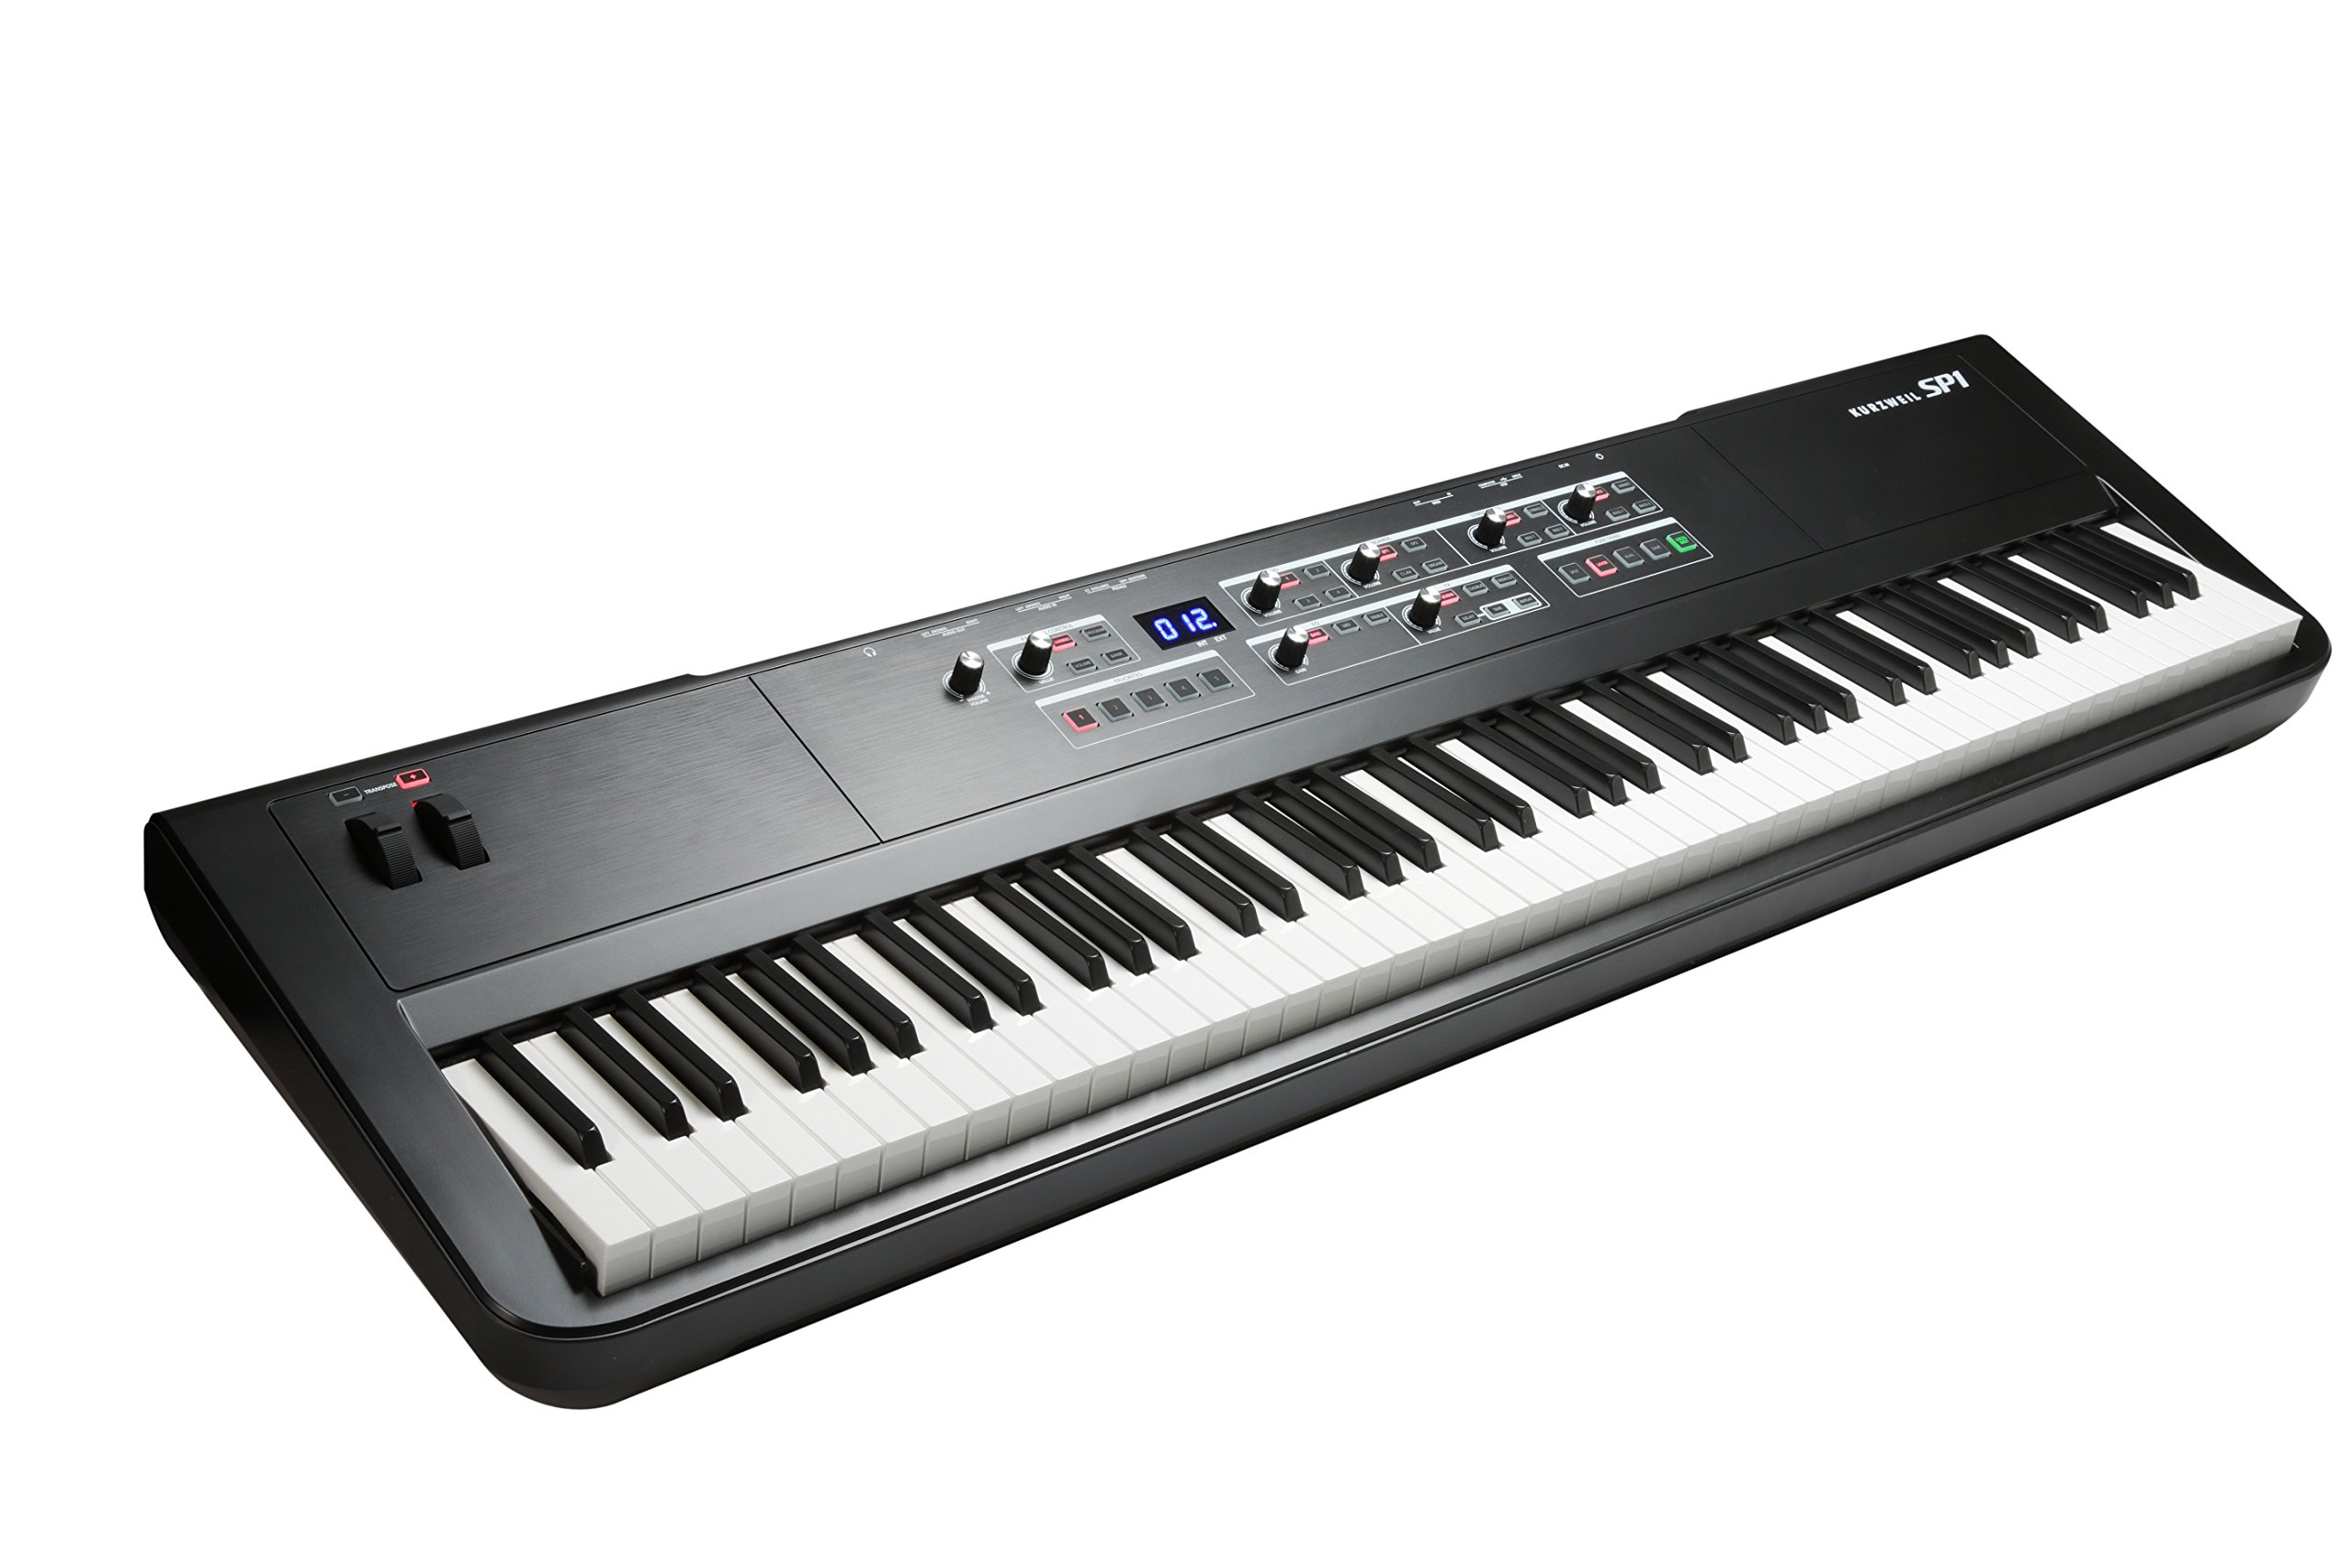 Kurzweil SP1 88-Key Stage Piano, Black (SP1-LB) by Kurzweil (Image #4)